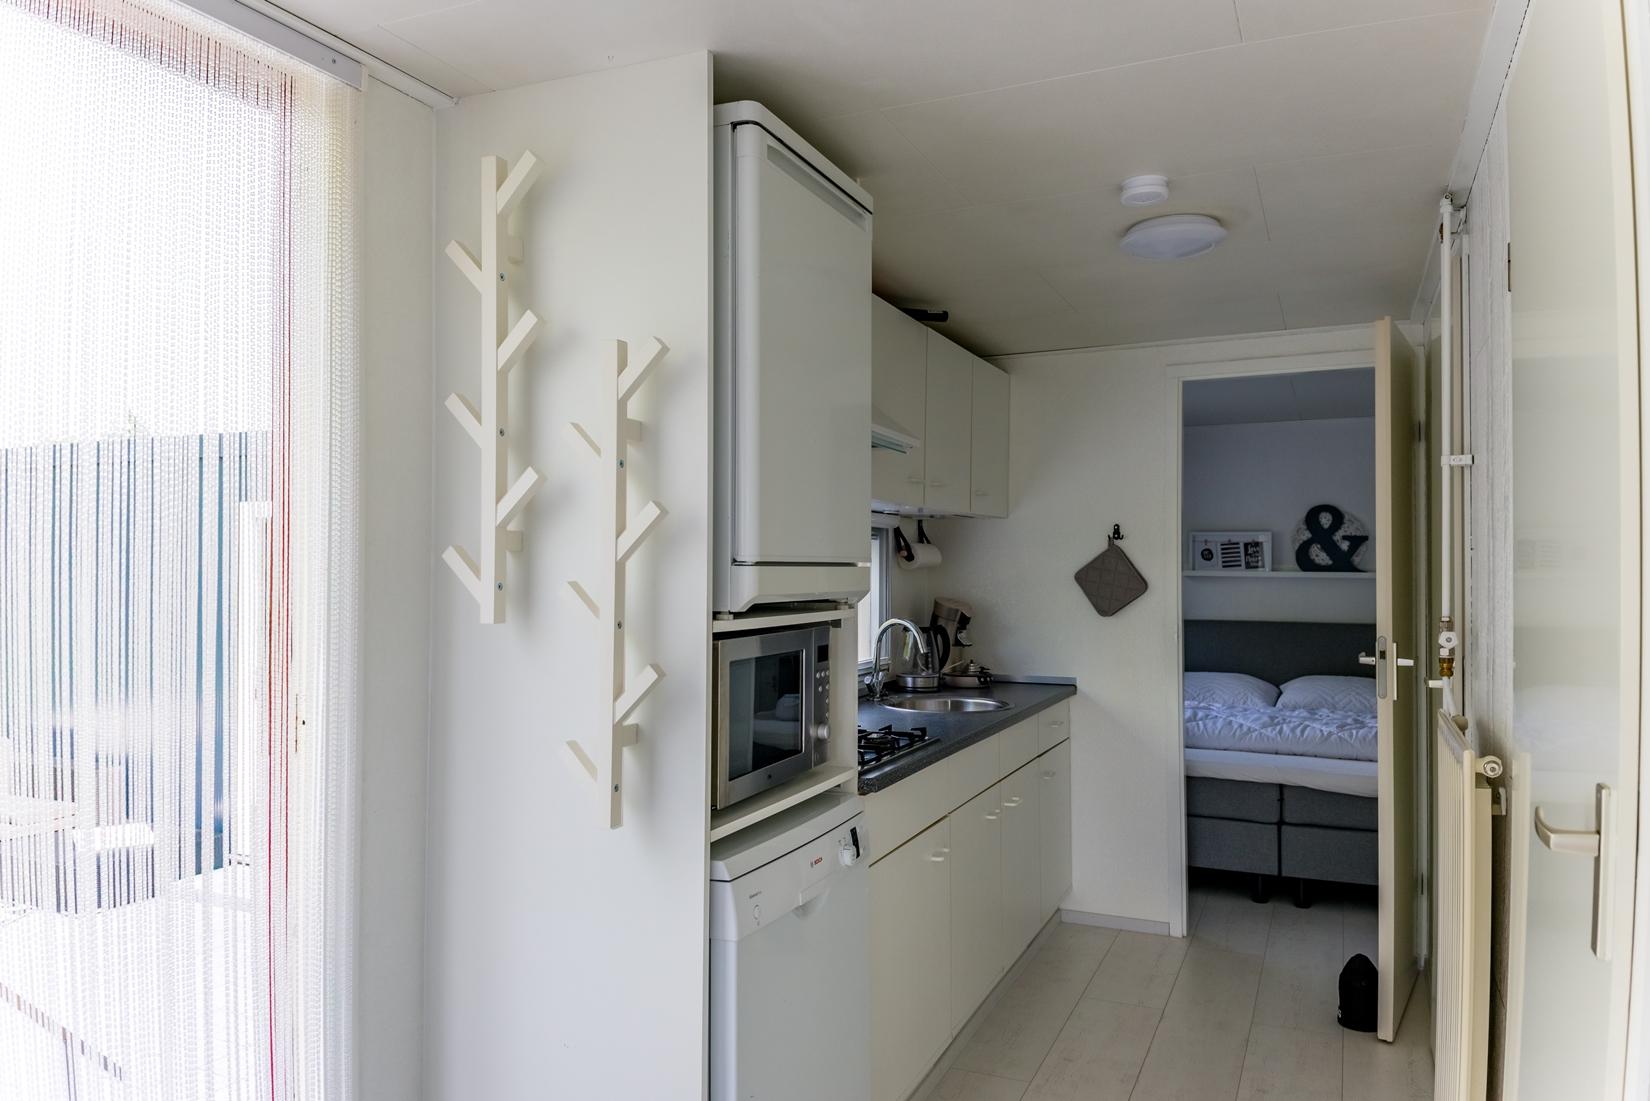 chalet-gestrand-interieur-keuken-doorkijk-master-bedroom